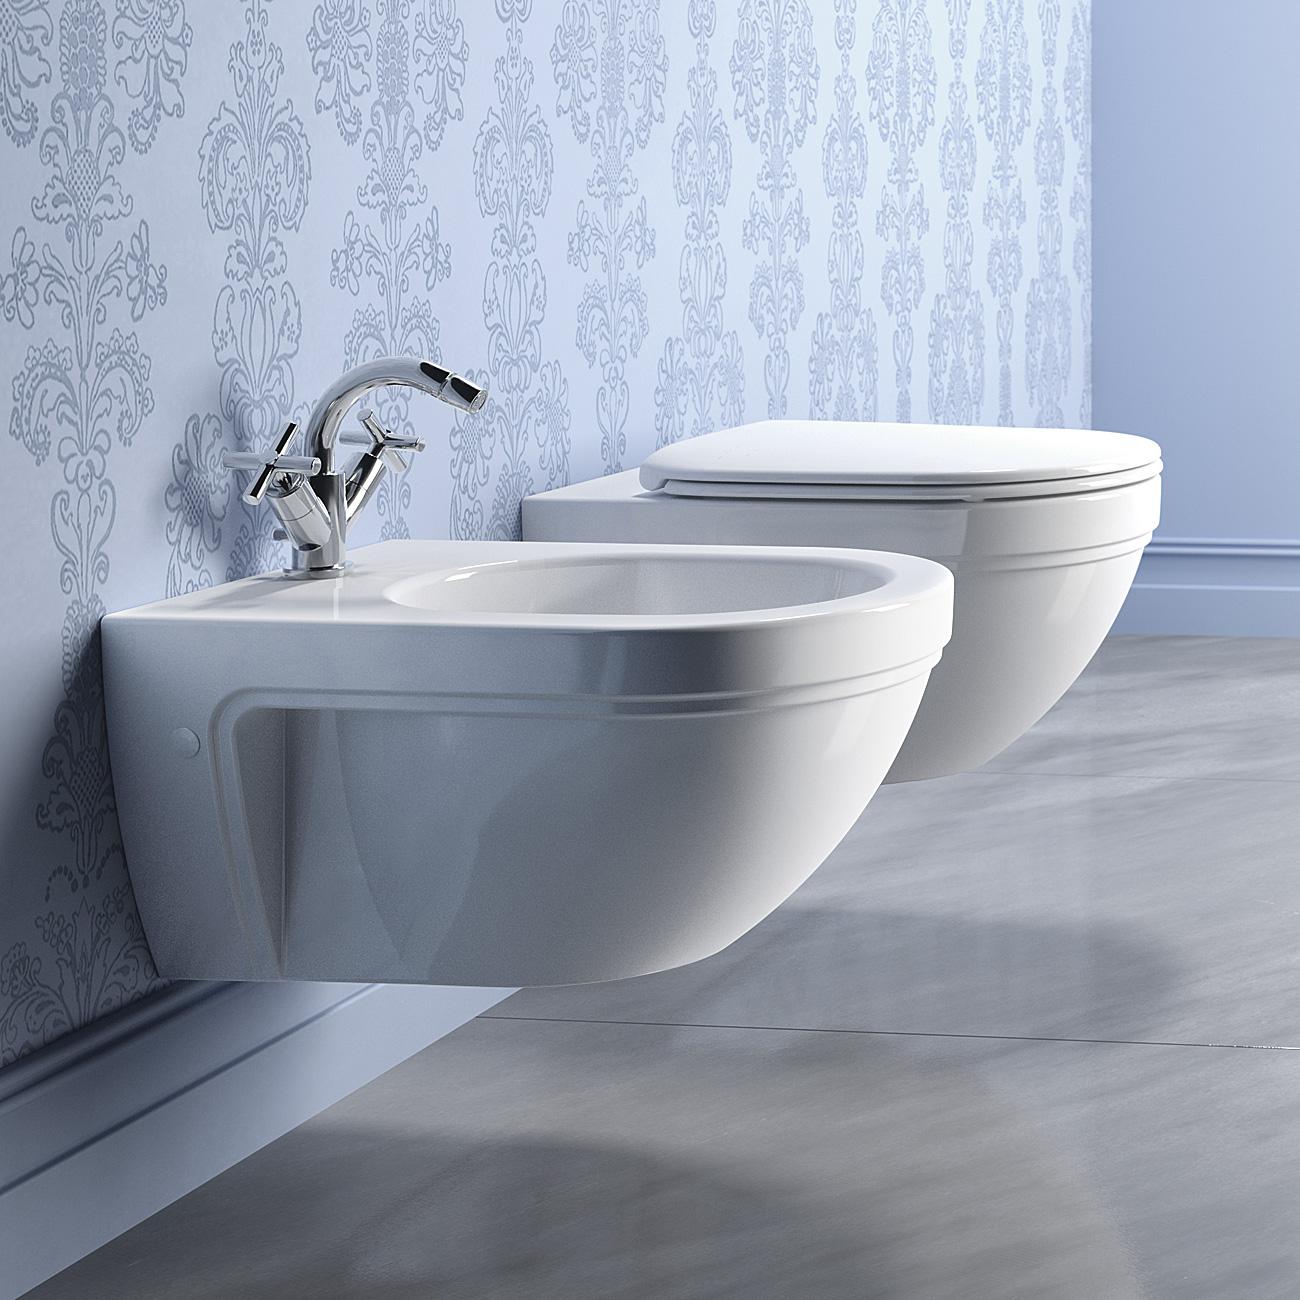 Catalano Canova Royal 55 - WC závěsné 36x55, bez sedátka 1VSCR00